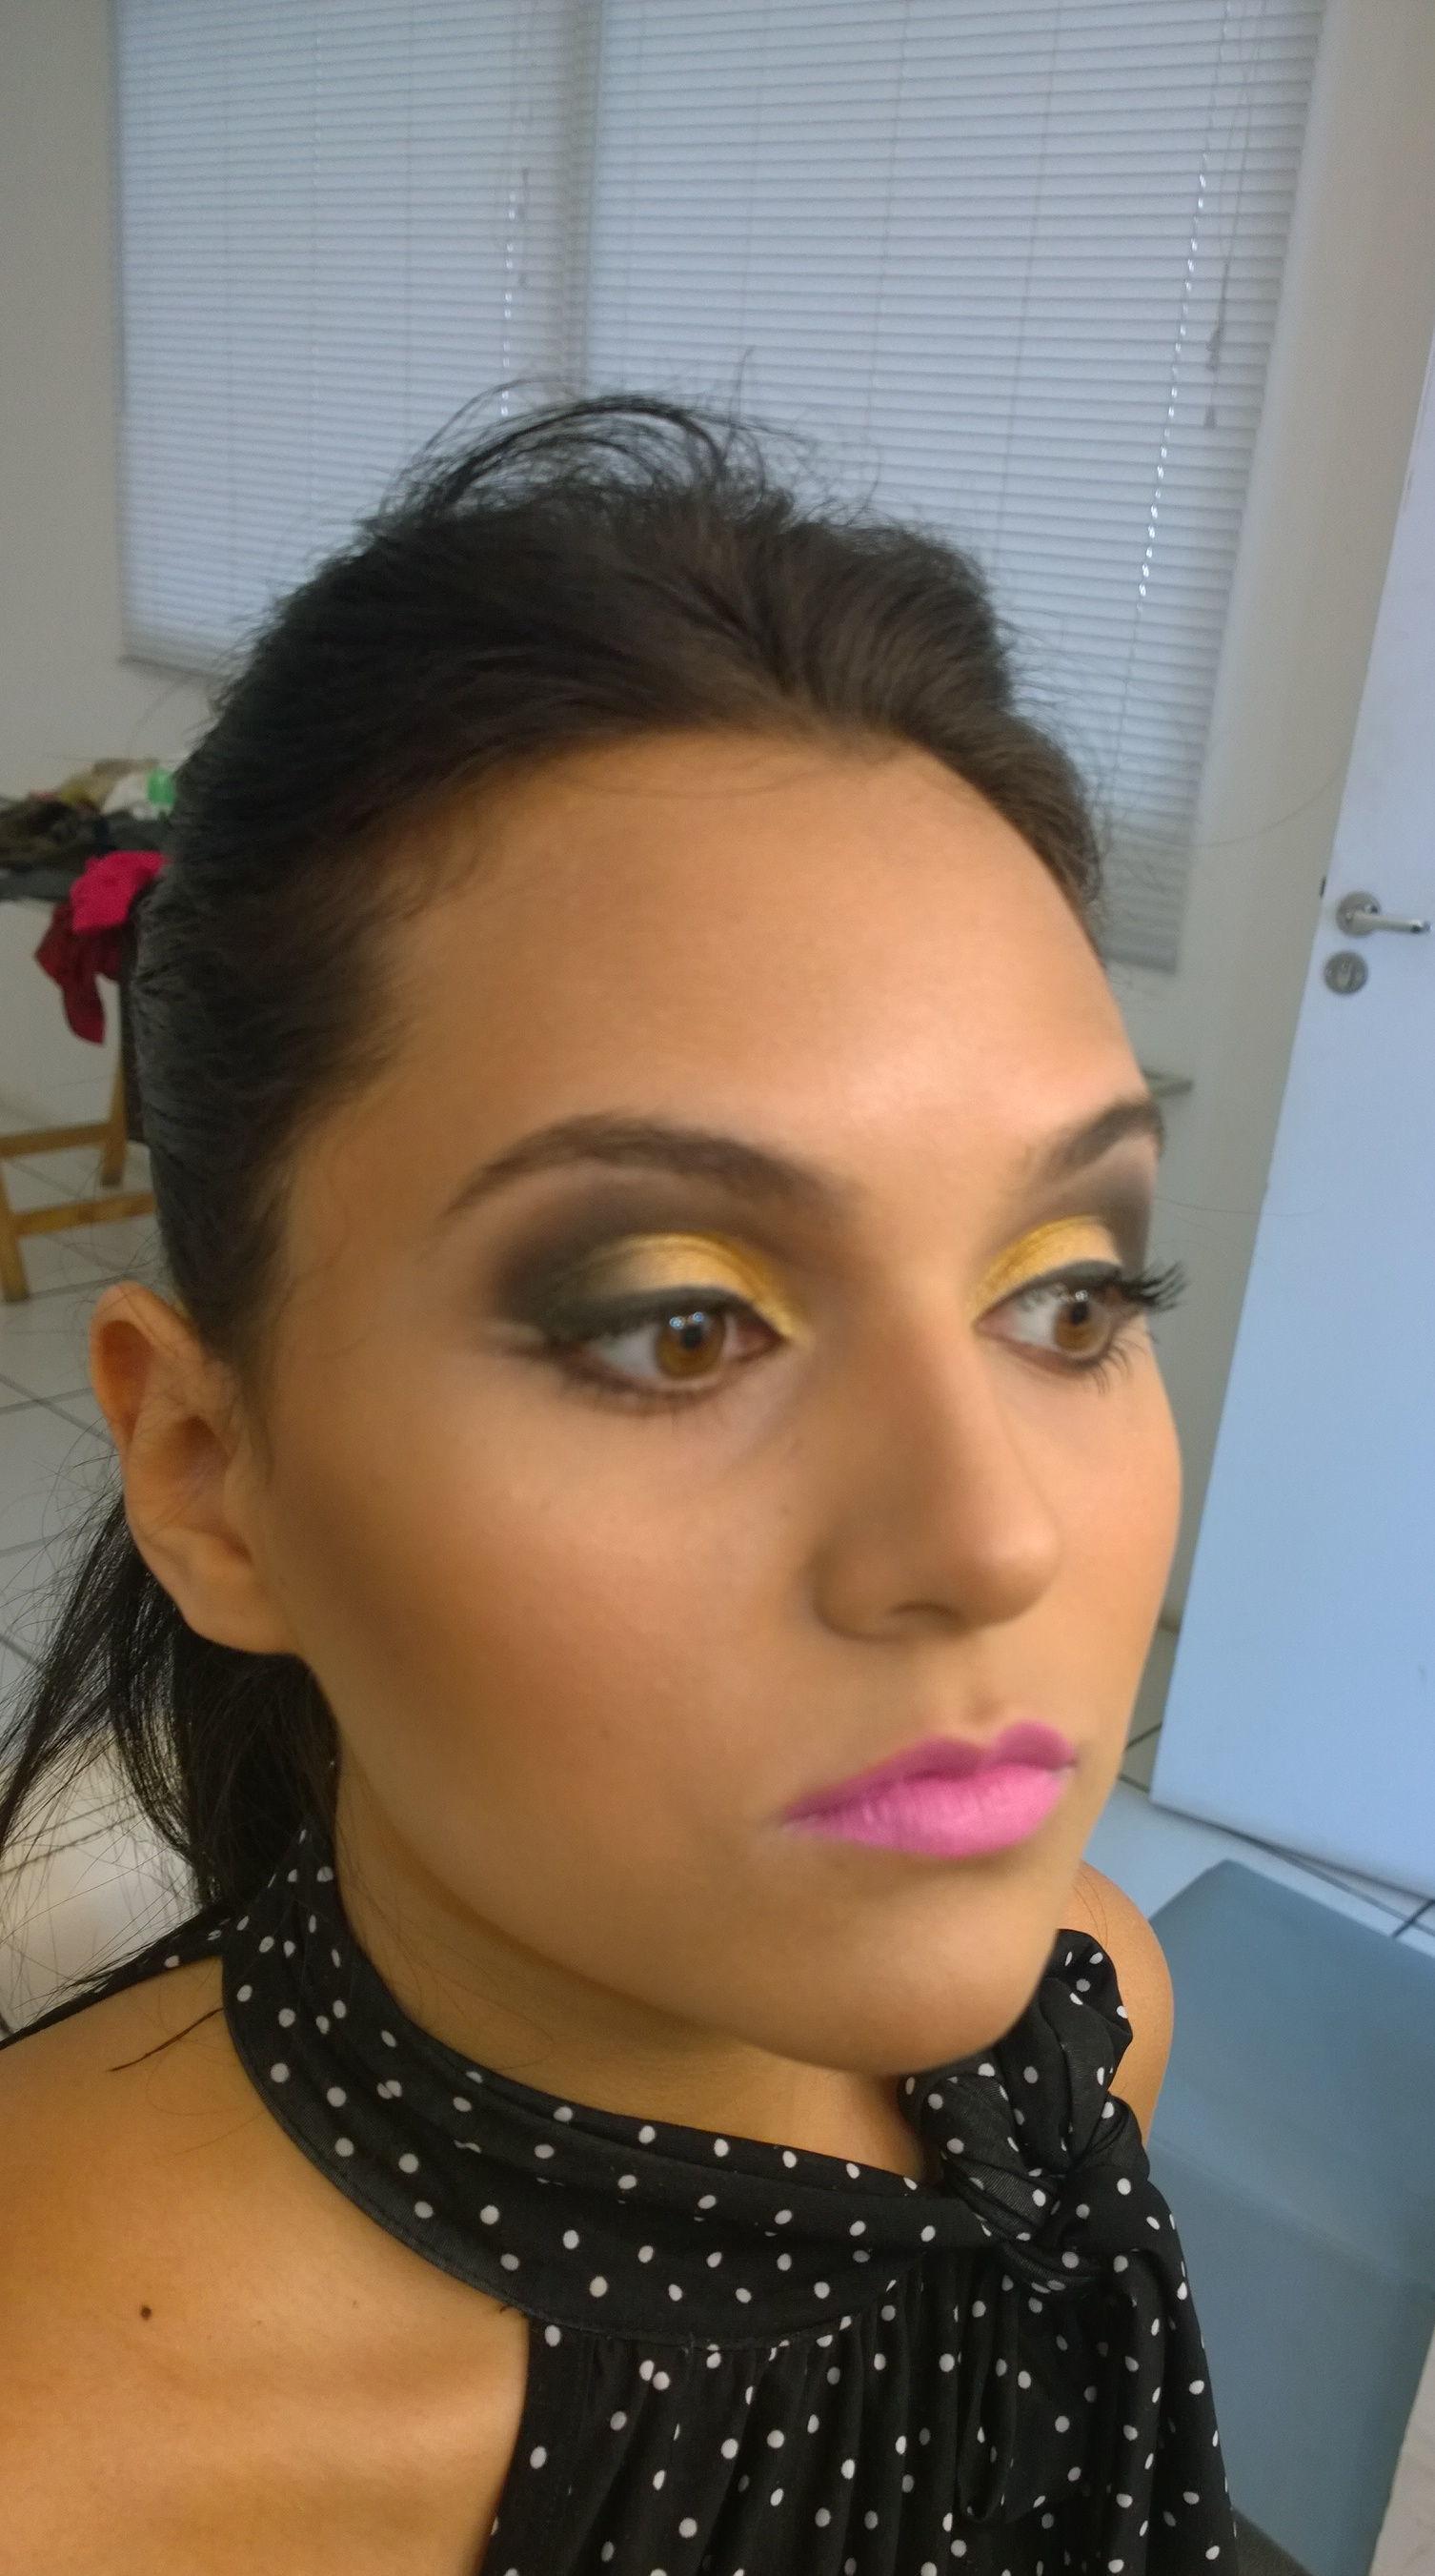 trabalho em estúdio  fotografico maquiador(a)